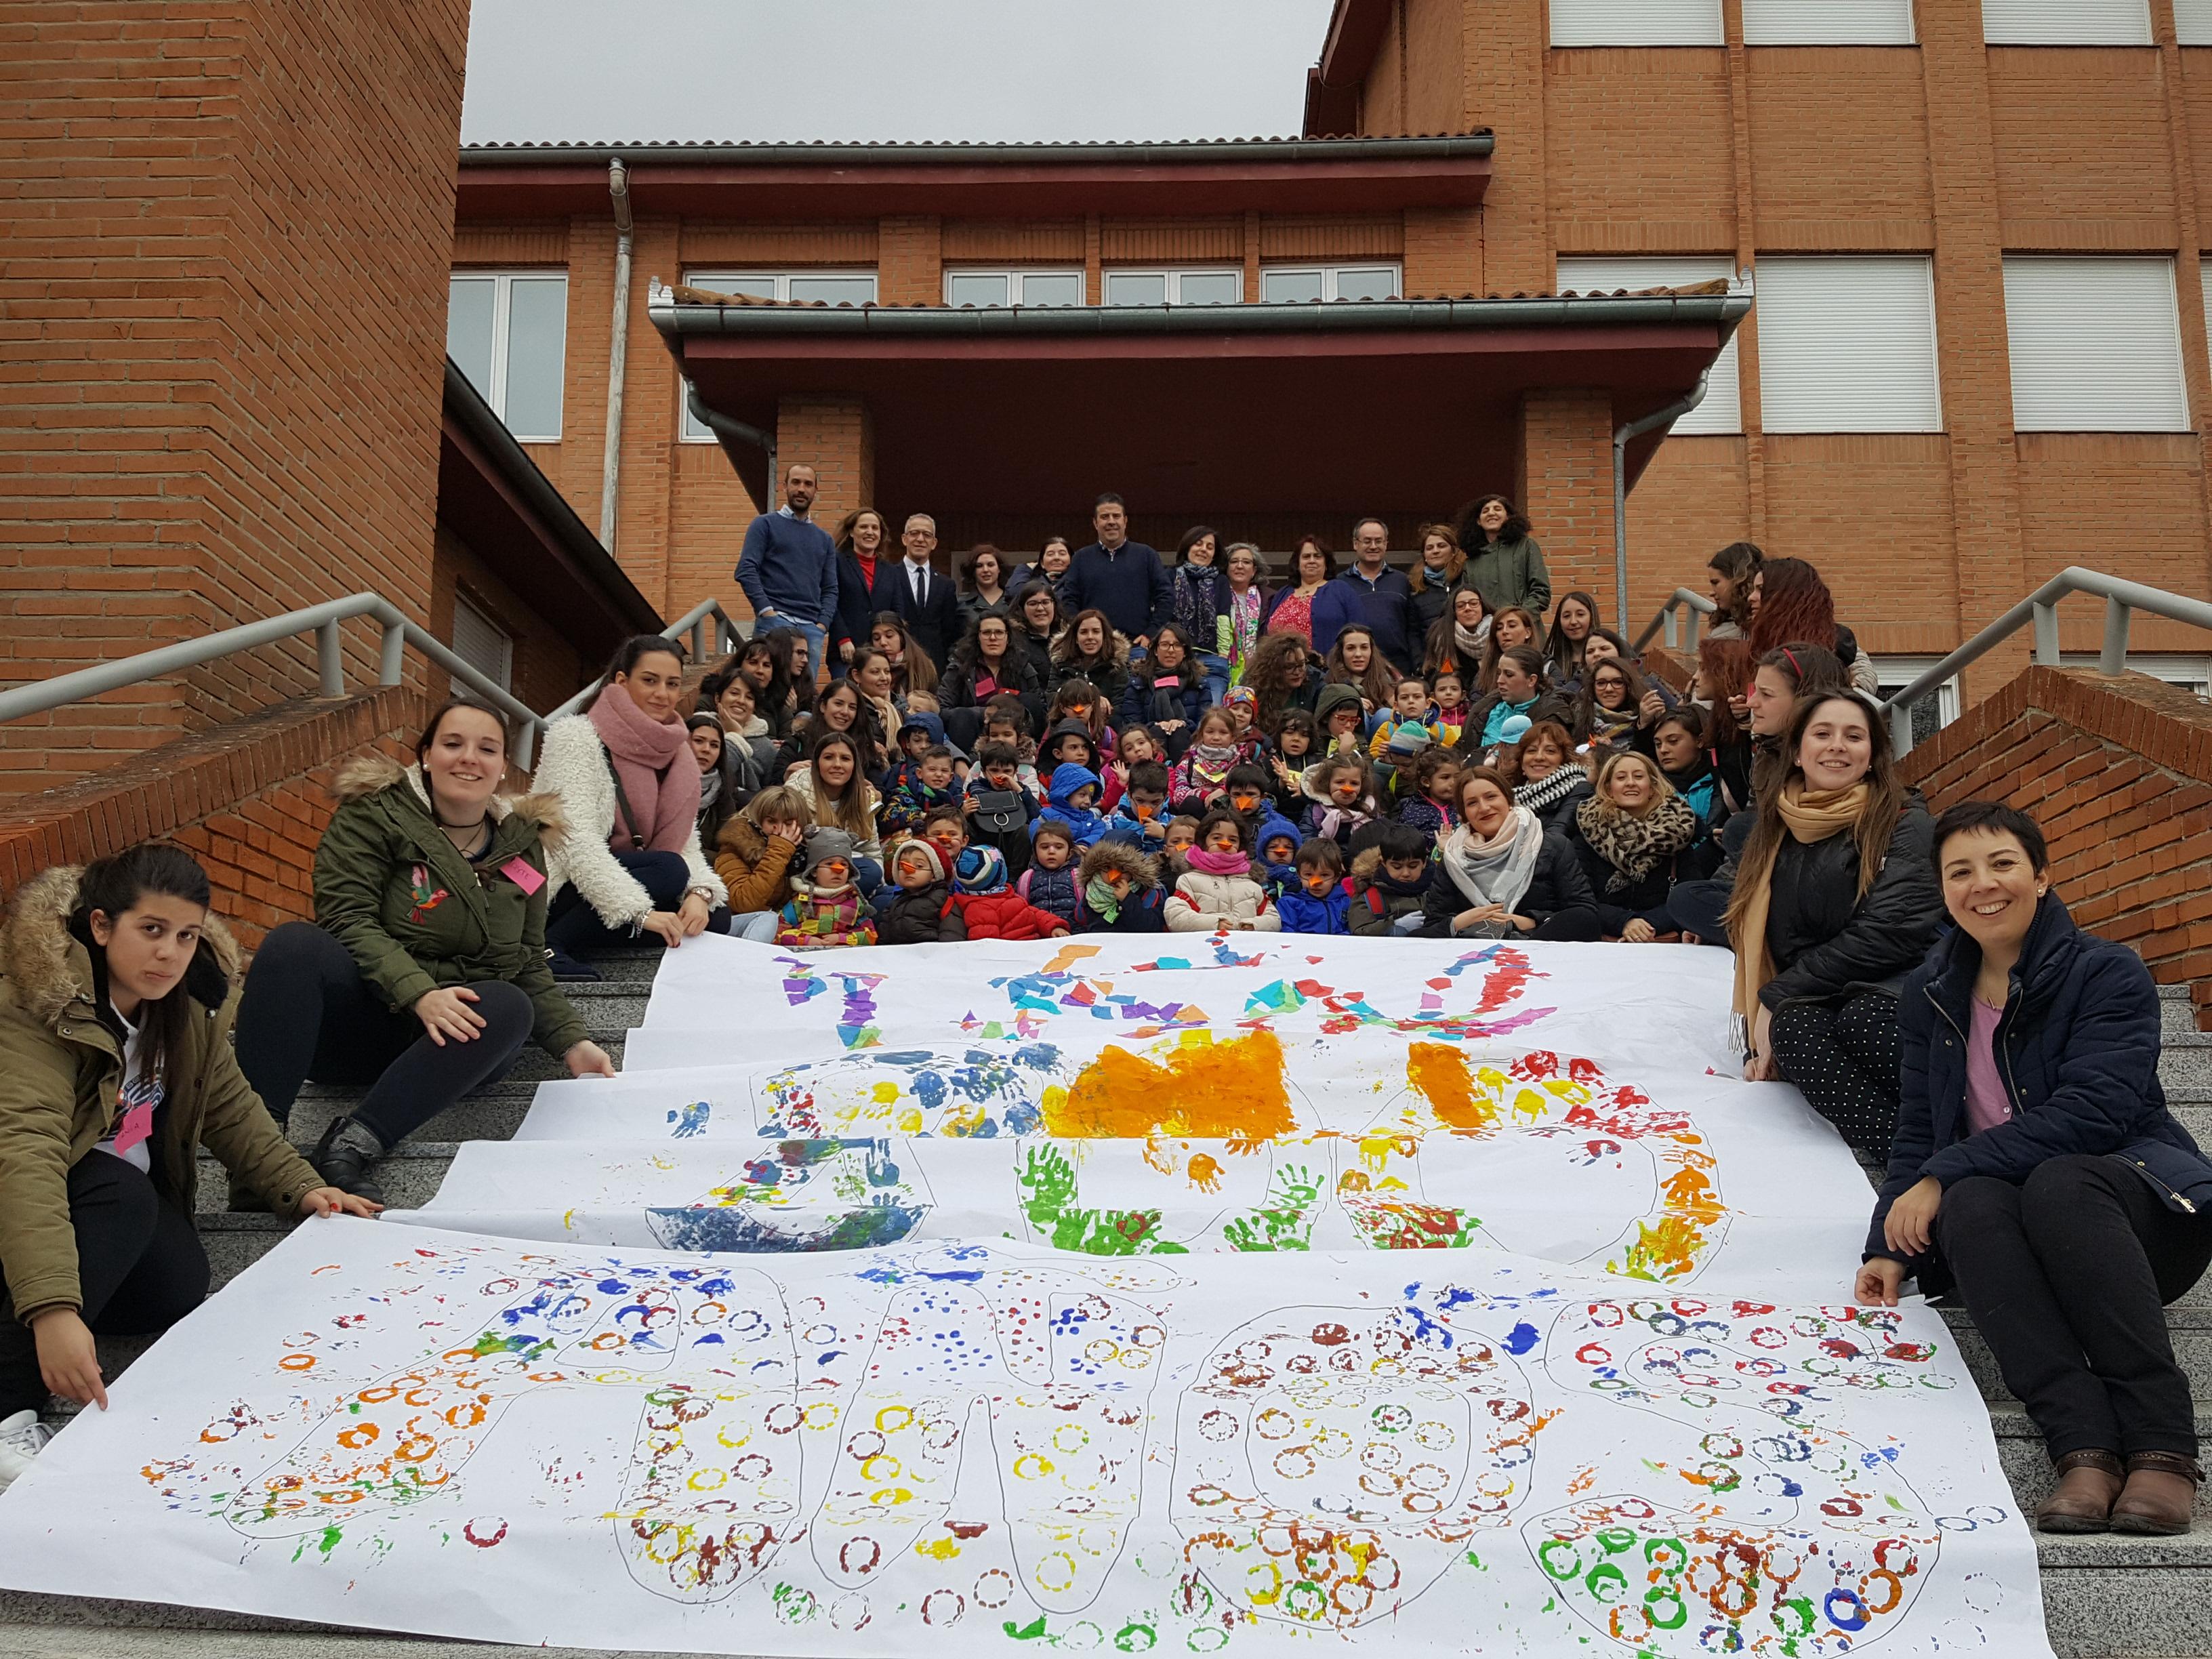 Los escolares del CEIP Santa Ana de Ávila celebran el VIII Centenario de la Universidad de Salamanca